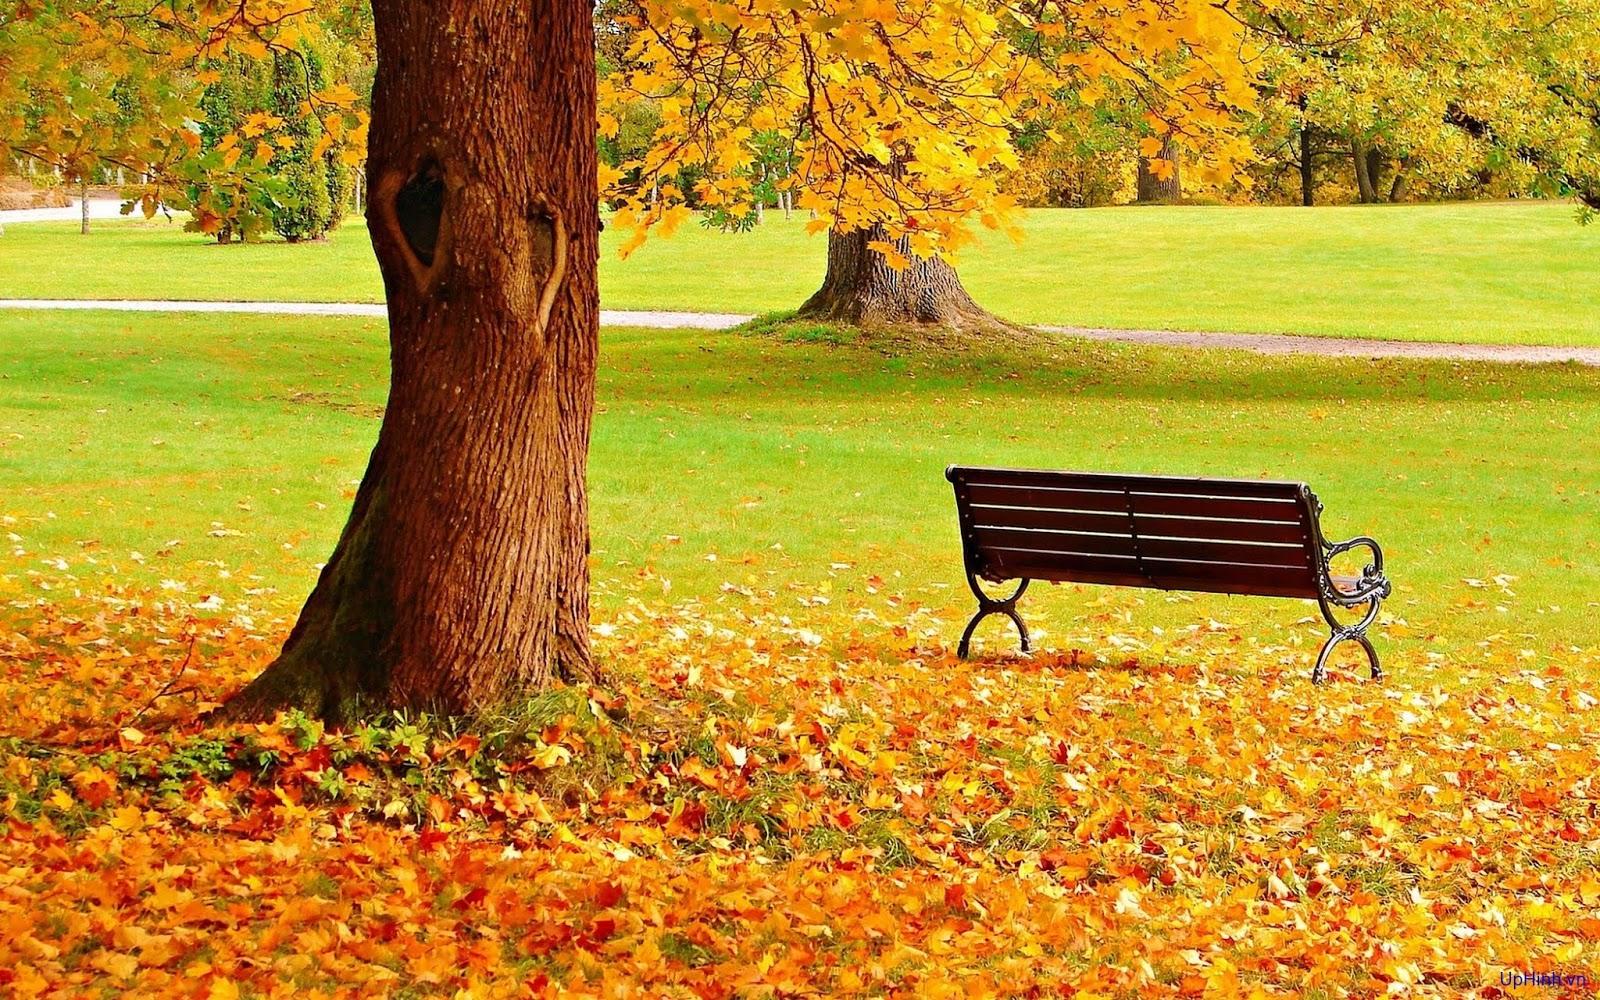 hình nền phong cảnh mùa thu lá vàng rơi